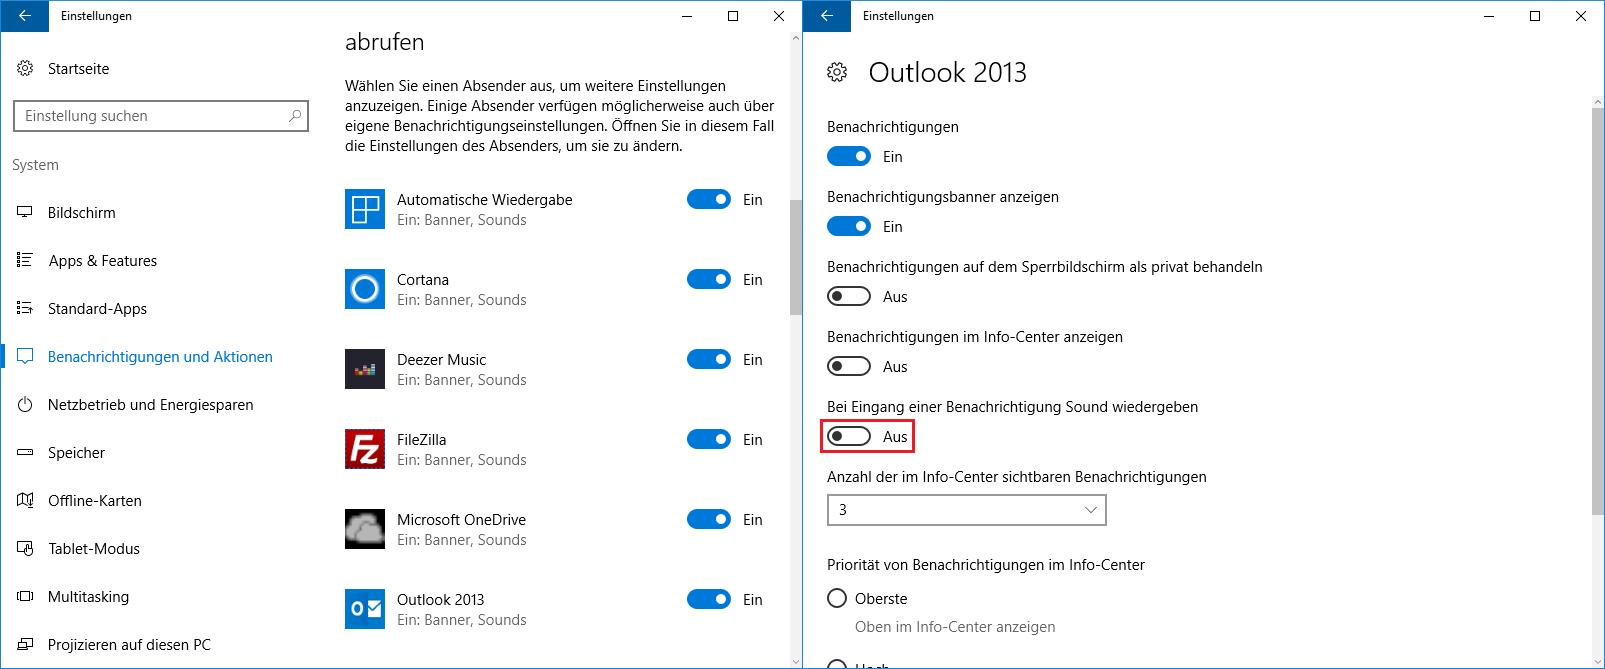 Benachrichtigungston für einzelne Programme ausschalten - so geht es bei Windows 10 | Windows 10